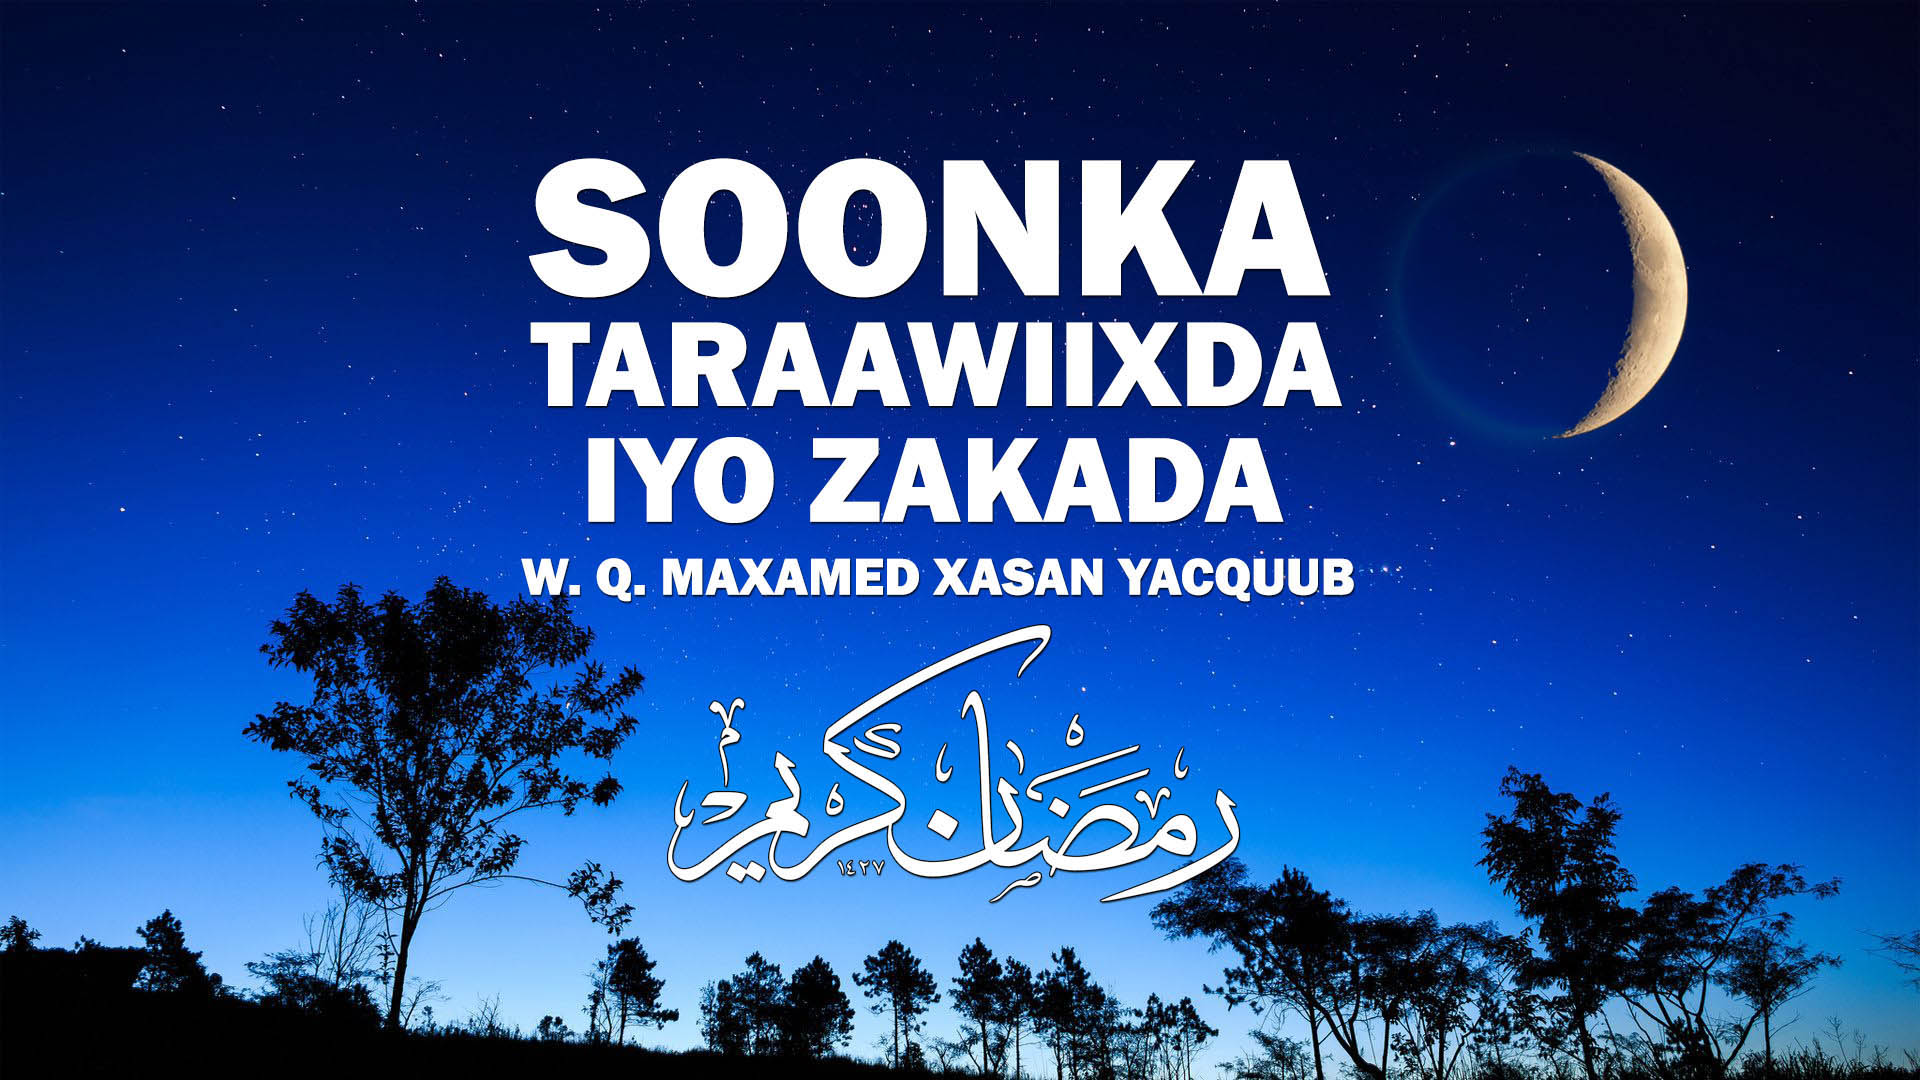 Soonka, Taraawiixda iyo Zakada